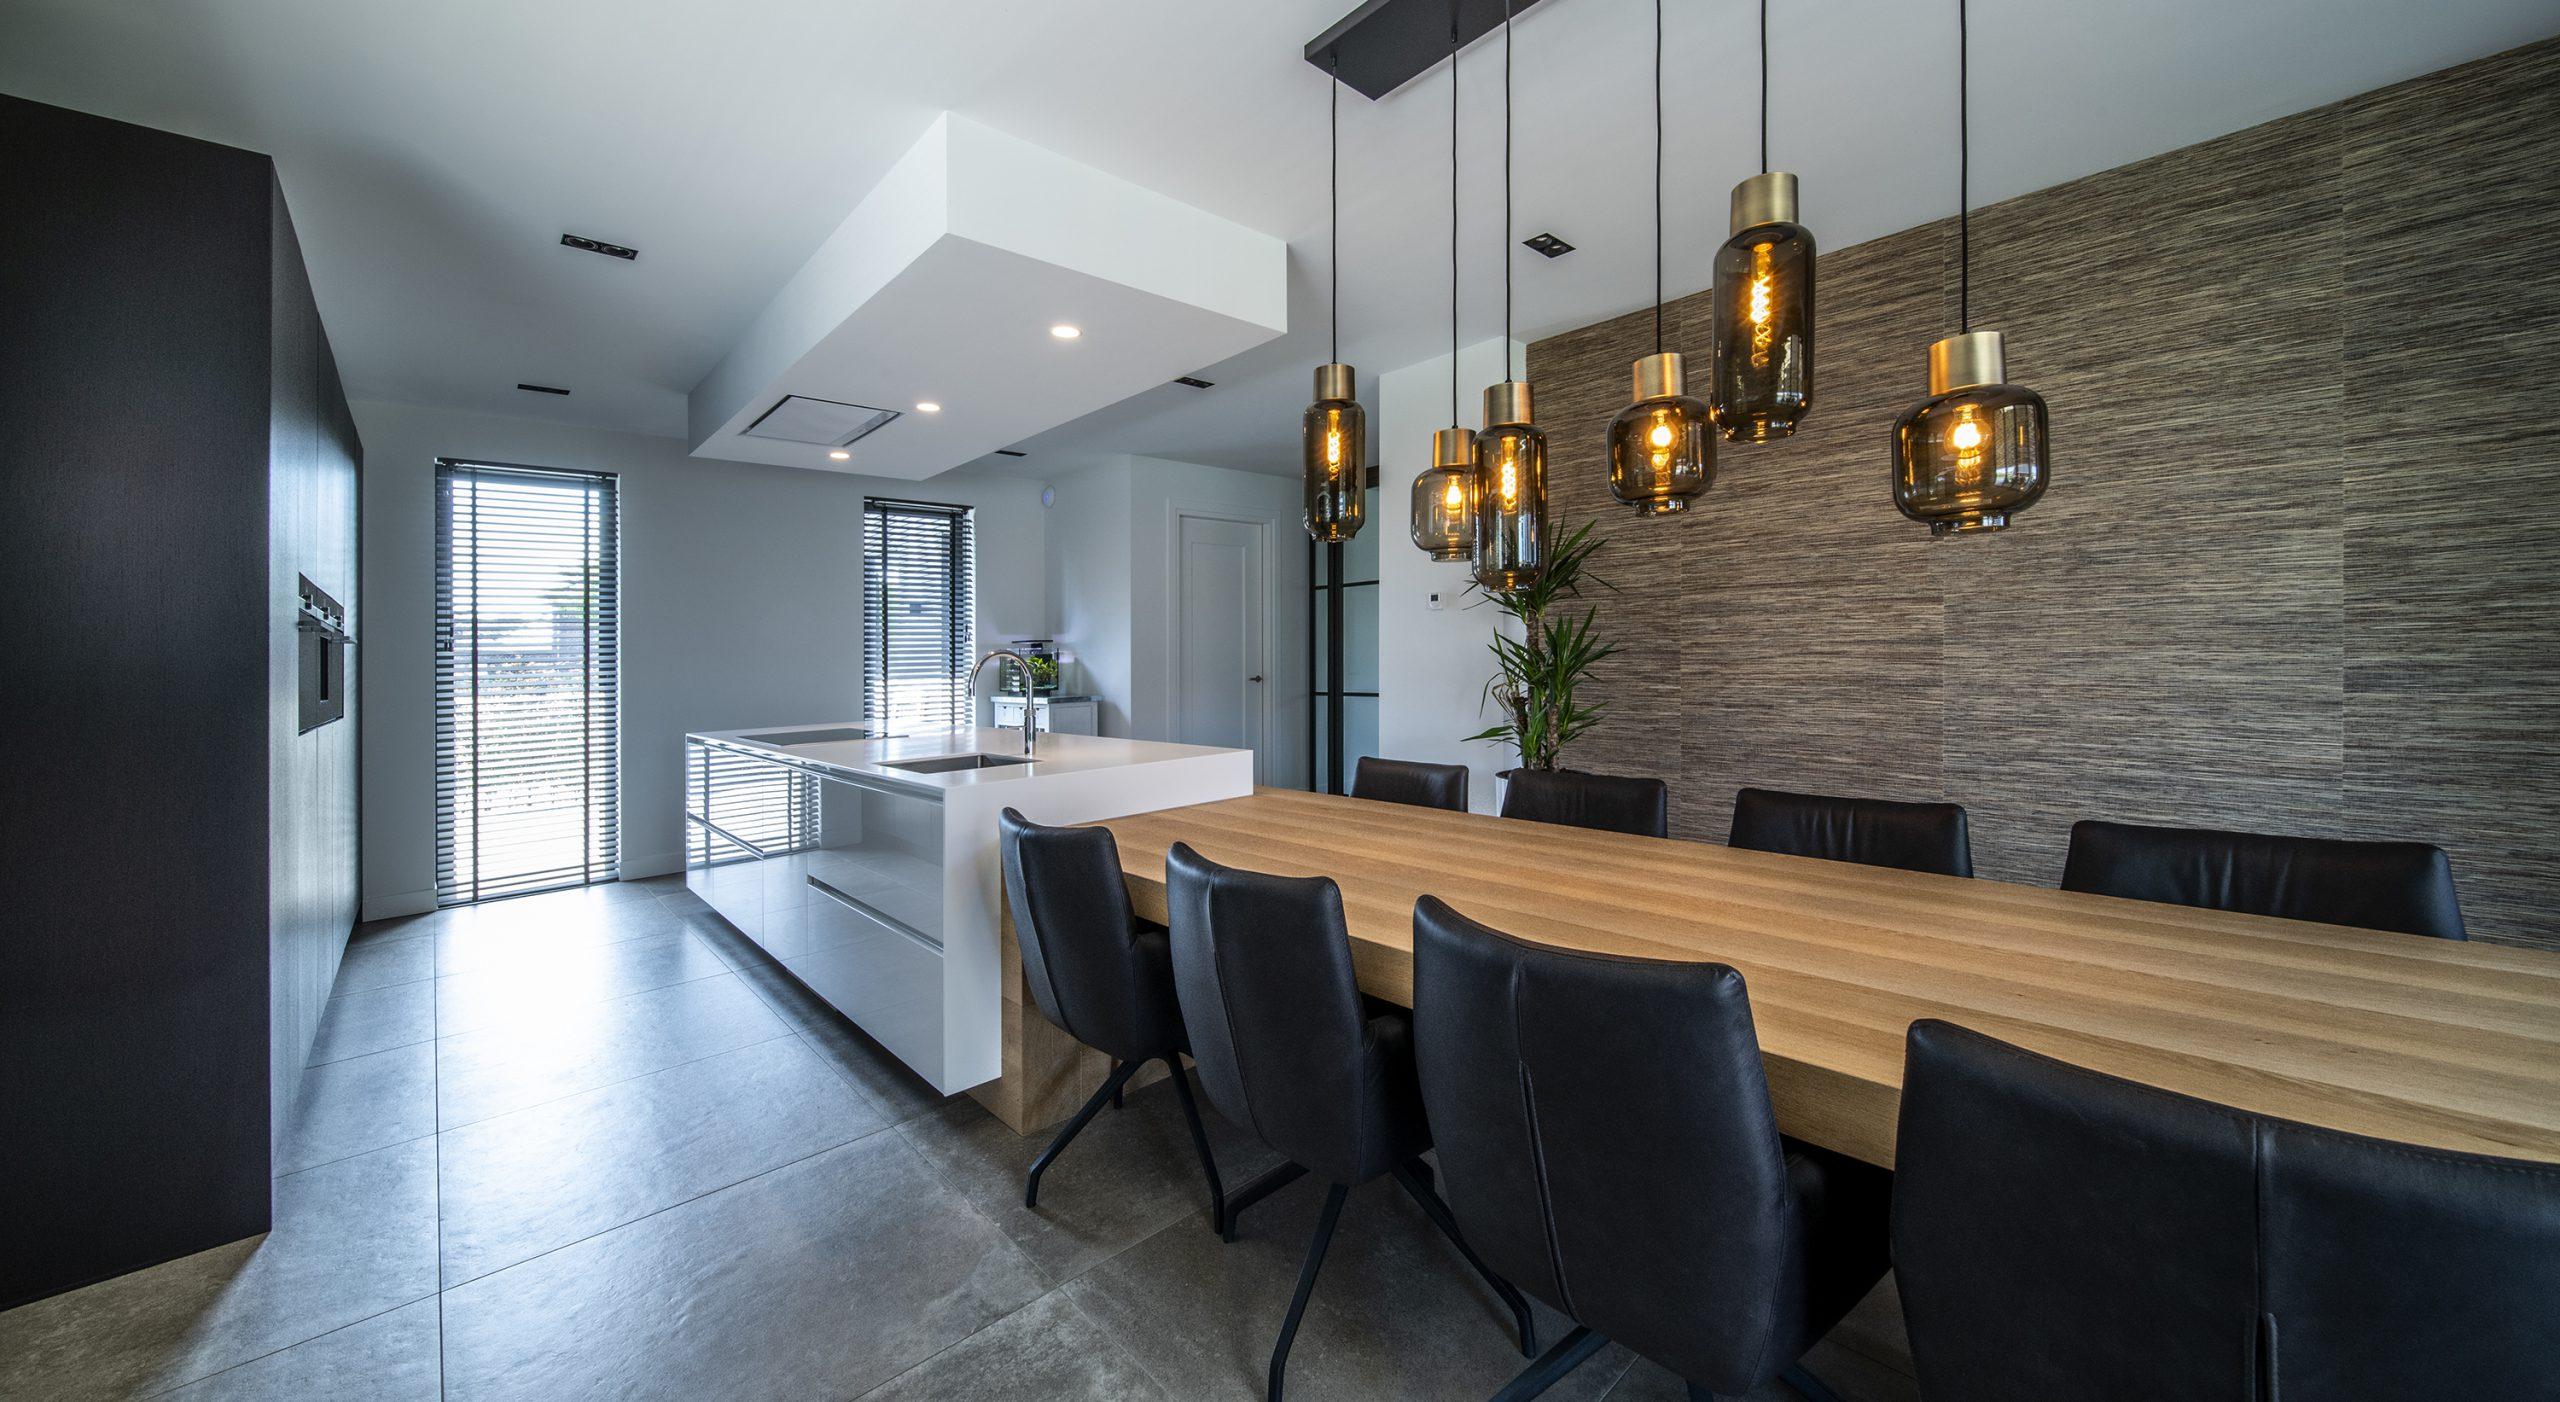 Woonhuis Helden - moderne keuken